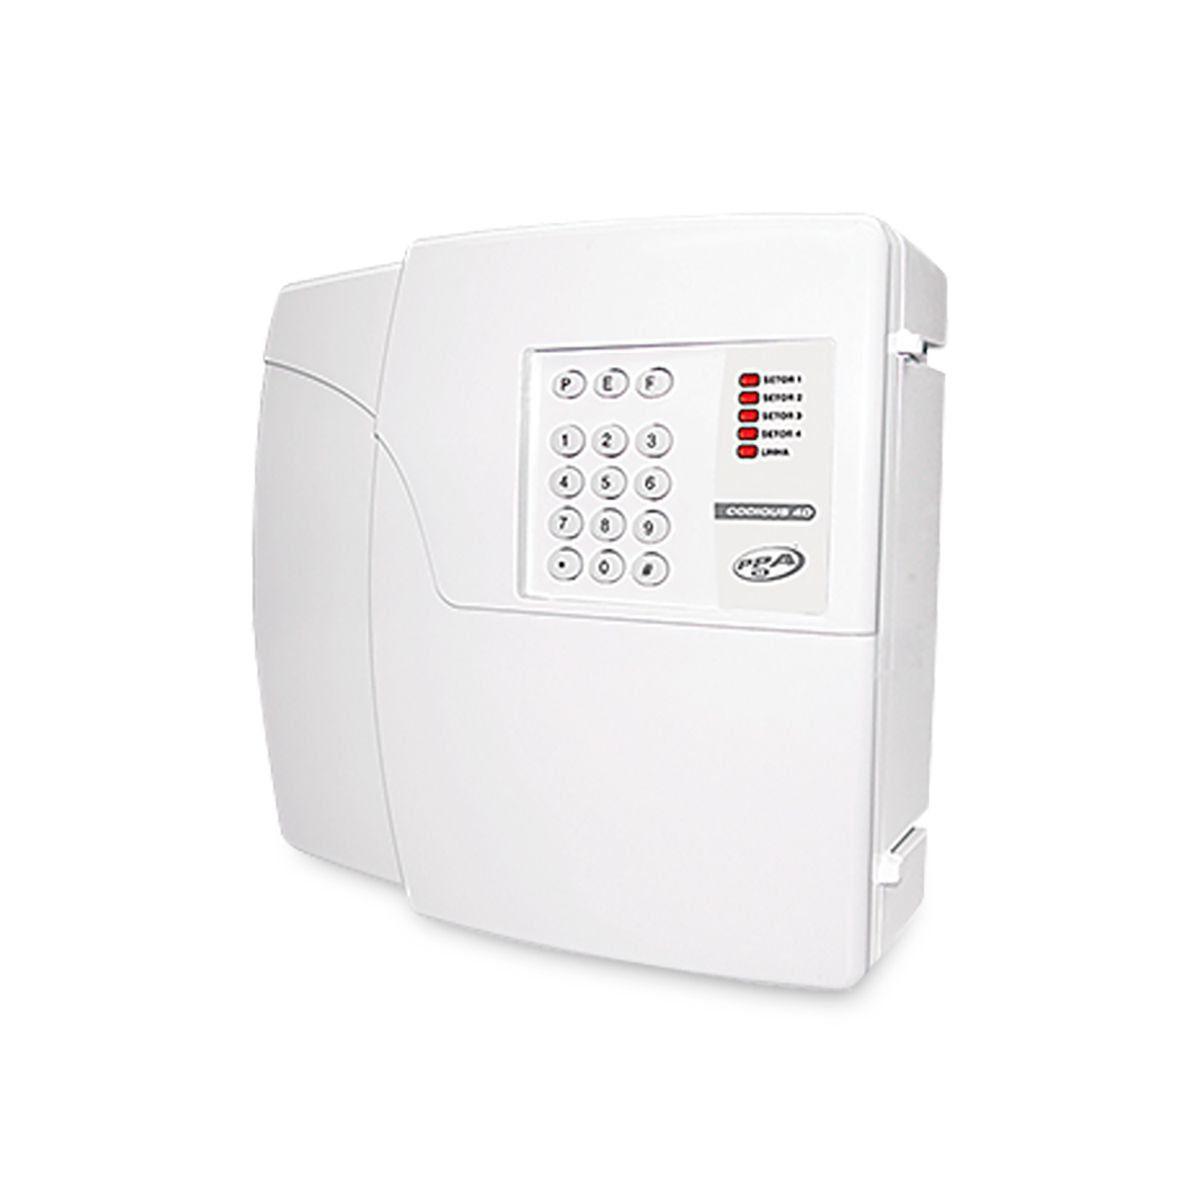 Kit Alarme Residencial PPA 4 Sensores Com Fio Discadora